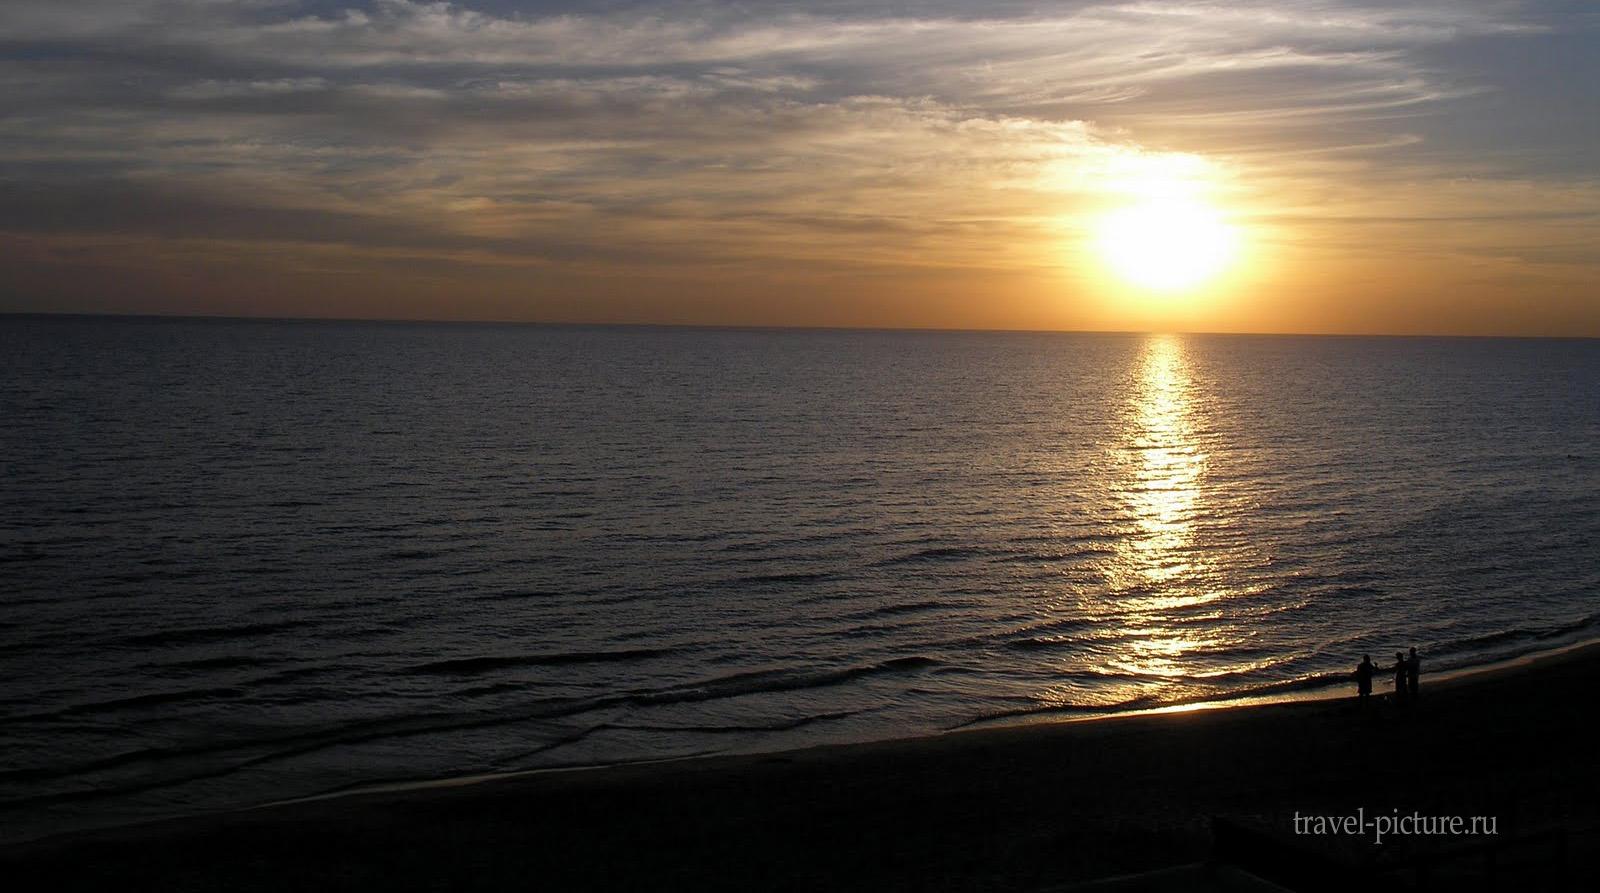 вид на море в Израиле